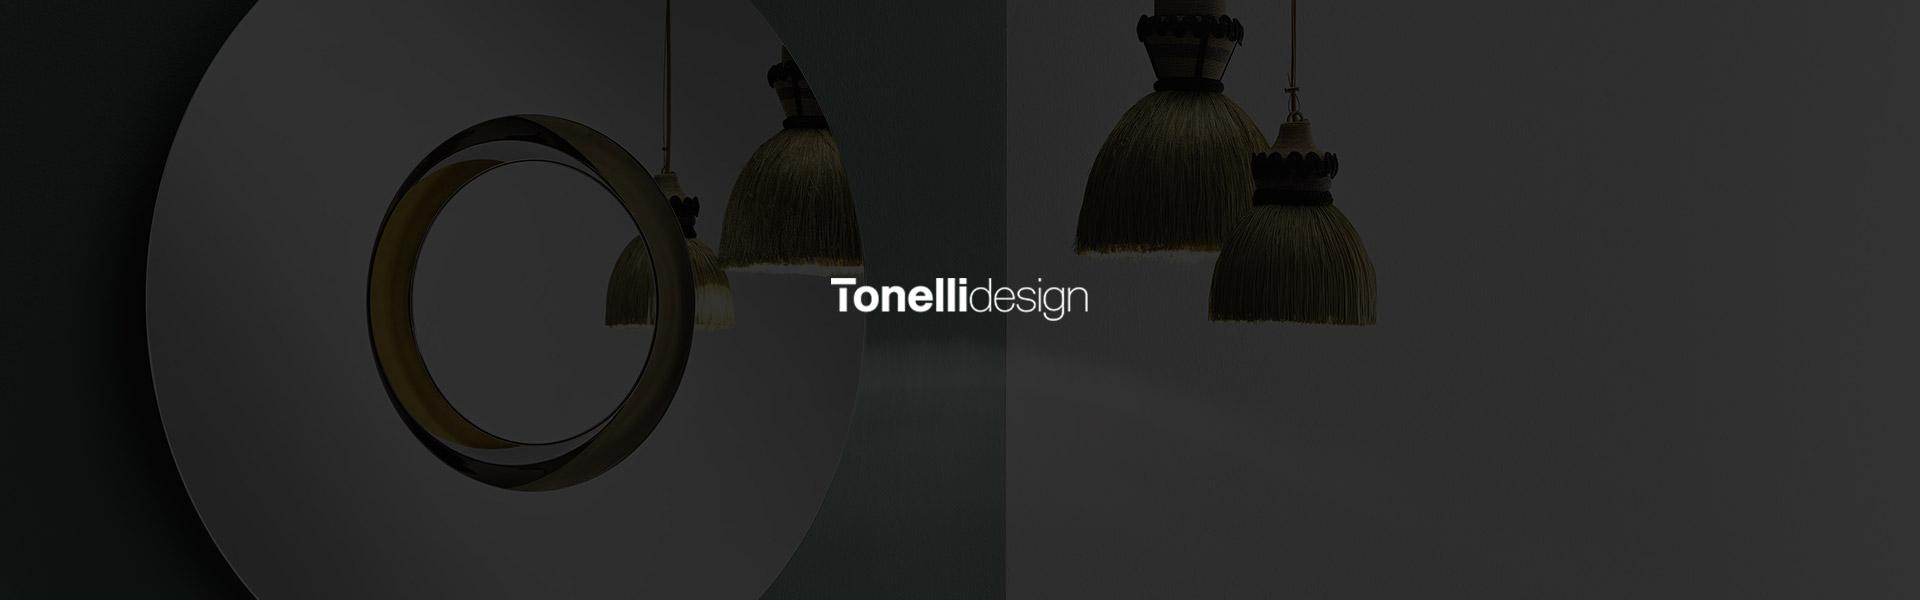 tonelli_2